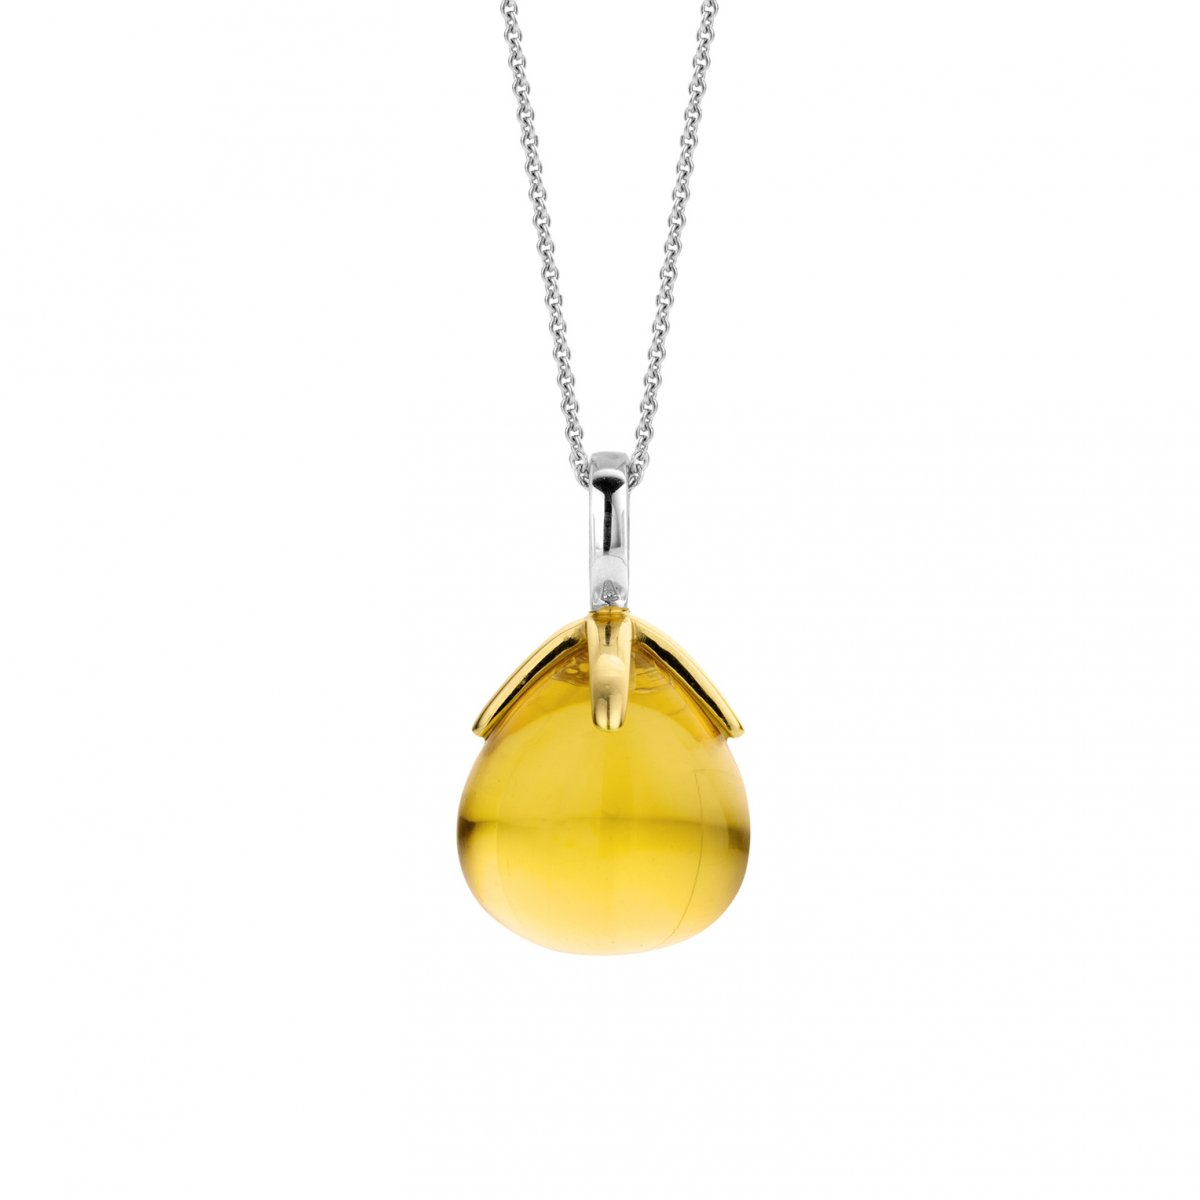 Prívesok TI SENTO so žltým syntetickým kameňom